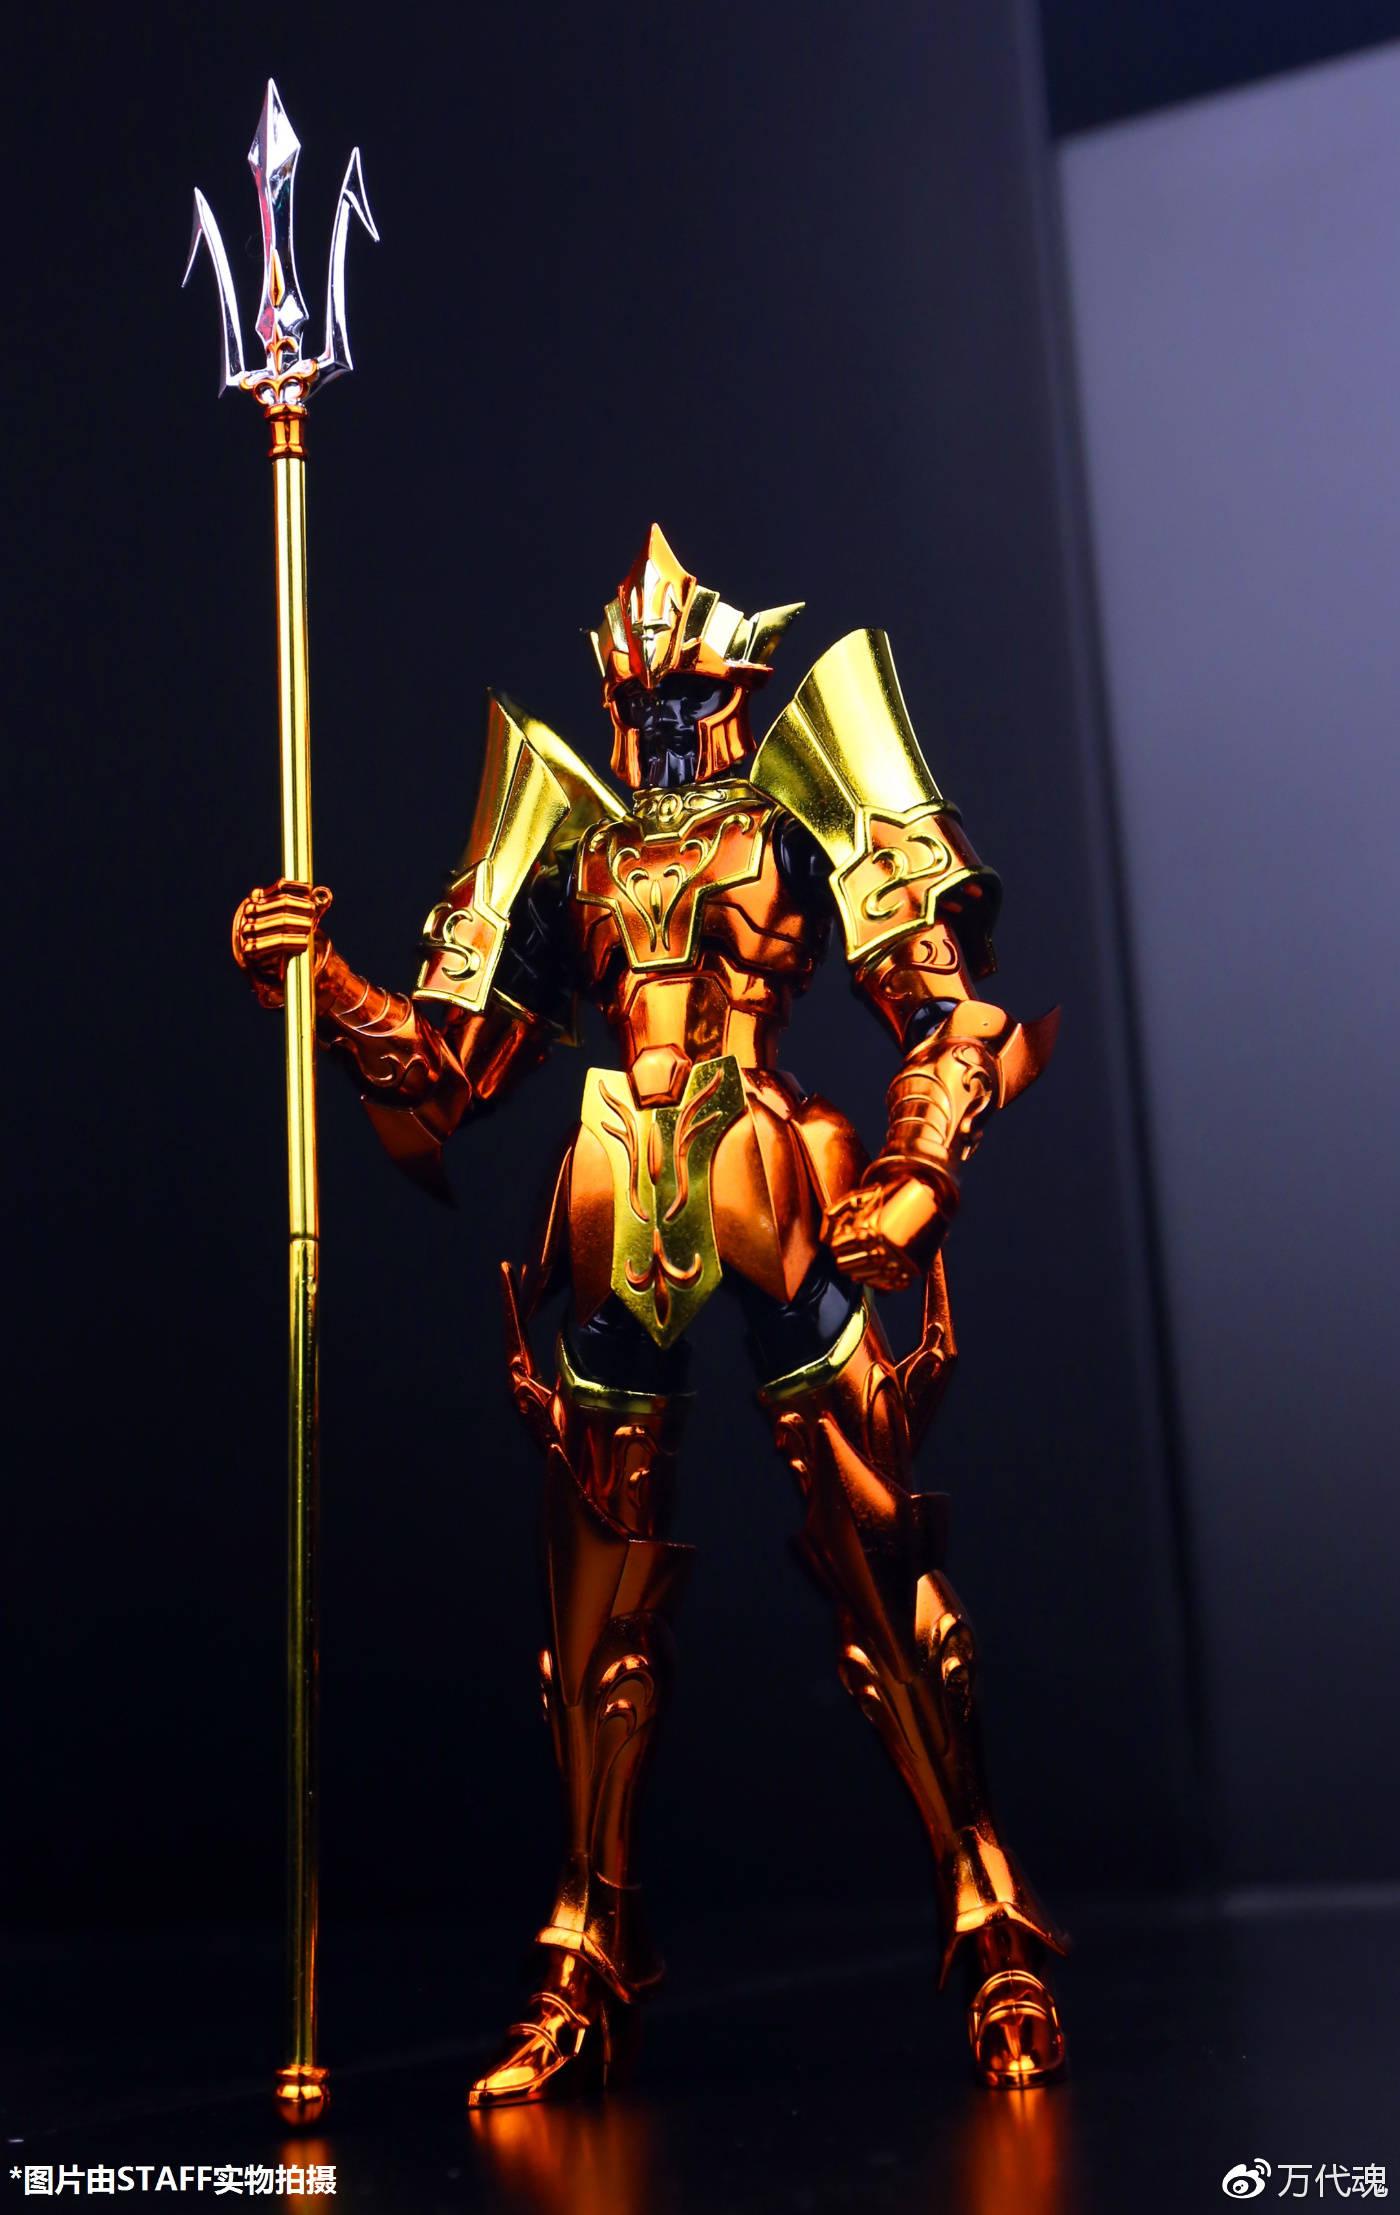 [Comentários] Saint Cloth Myth EX - Poseidon EX & Poseidon EX Imperial Throne Set - Página 2 SWf4UMV9_o